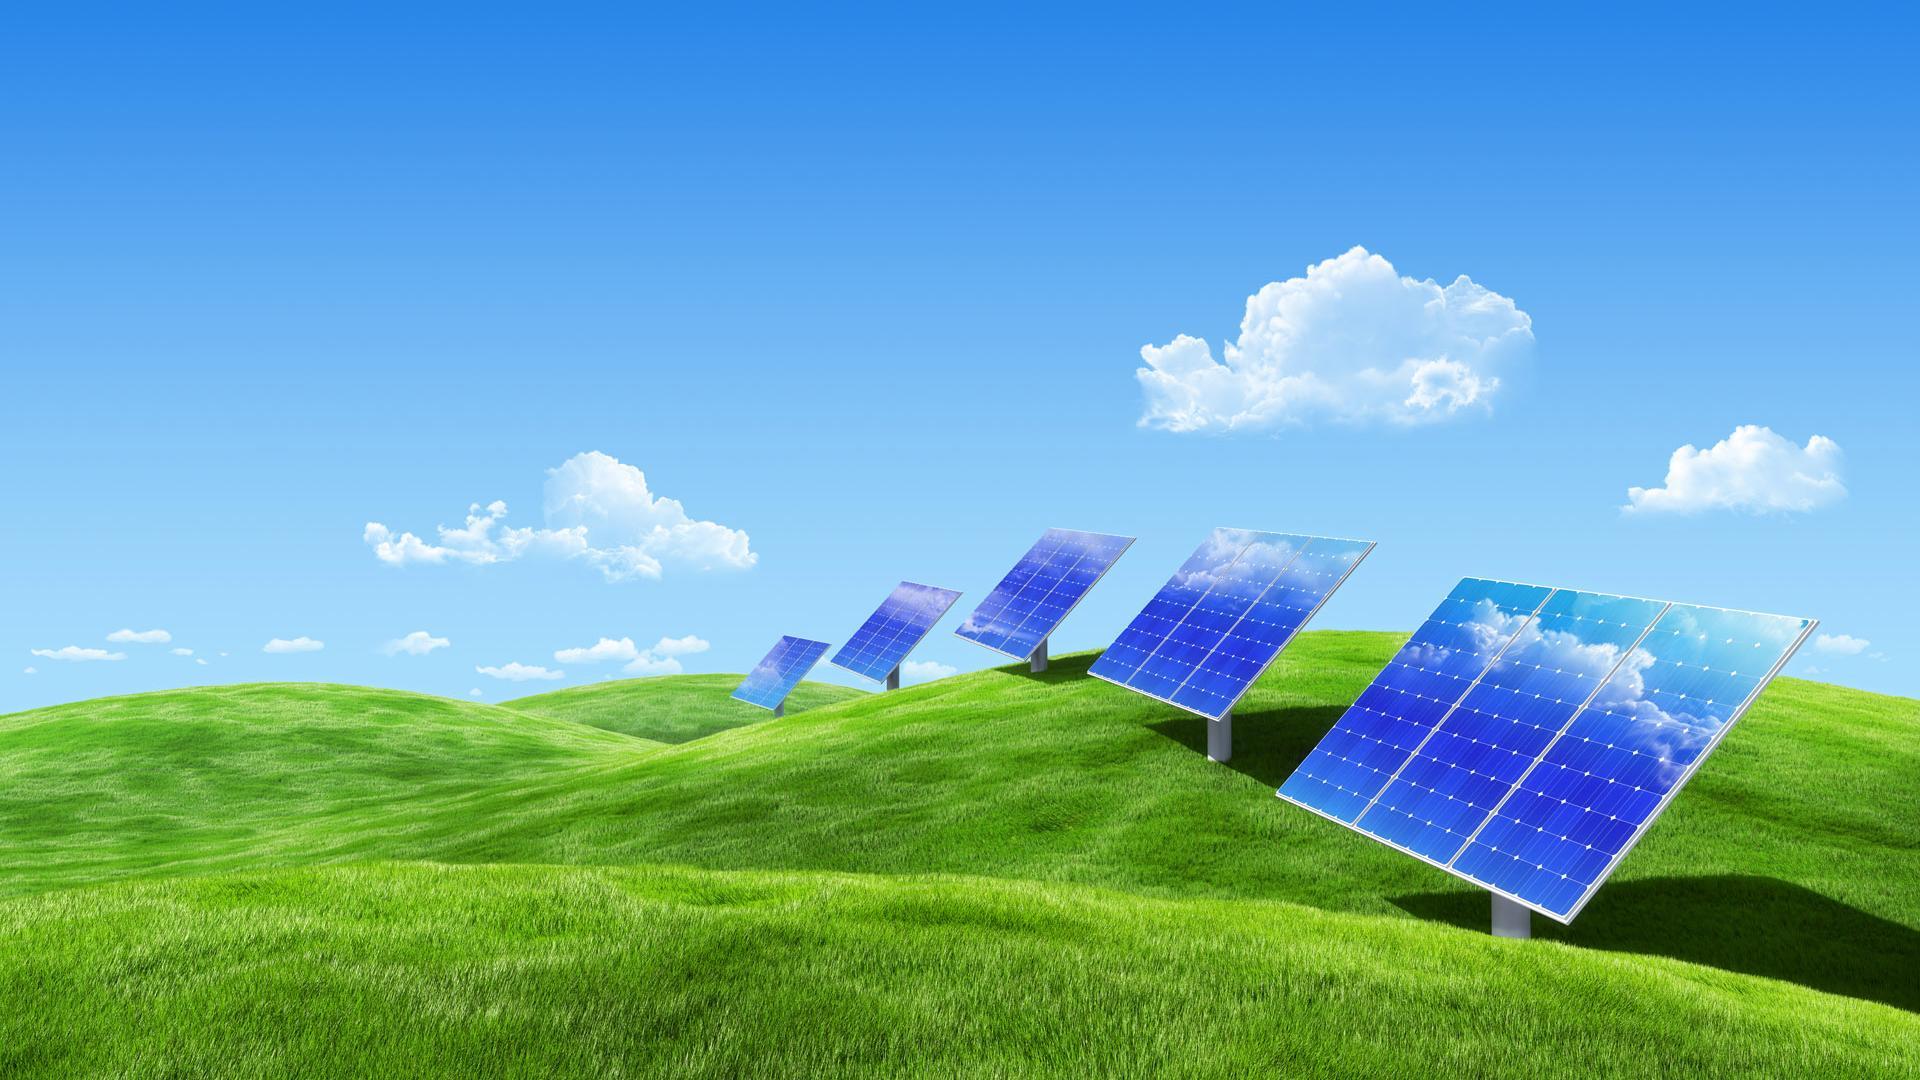 AllGreen Australia , free solar systems in Victoria, Adelaide, Melbourne, Geelong, Ballarat, Bendigo, Mildura, Swan Hill, Echuca, Shepperton, Horsham, Wangaratta, Wodonga,